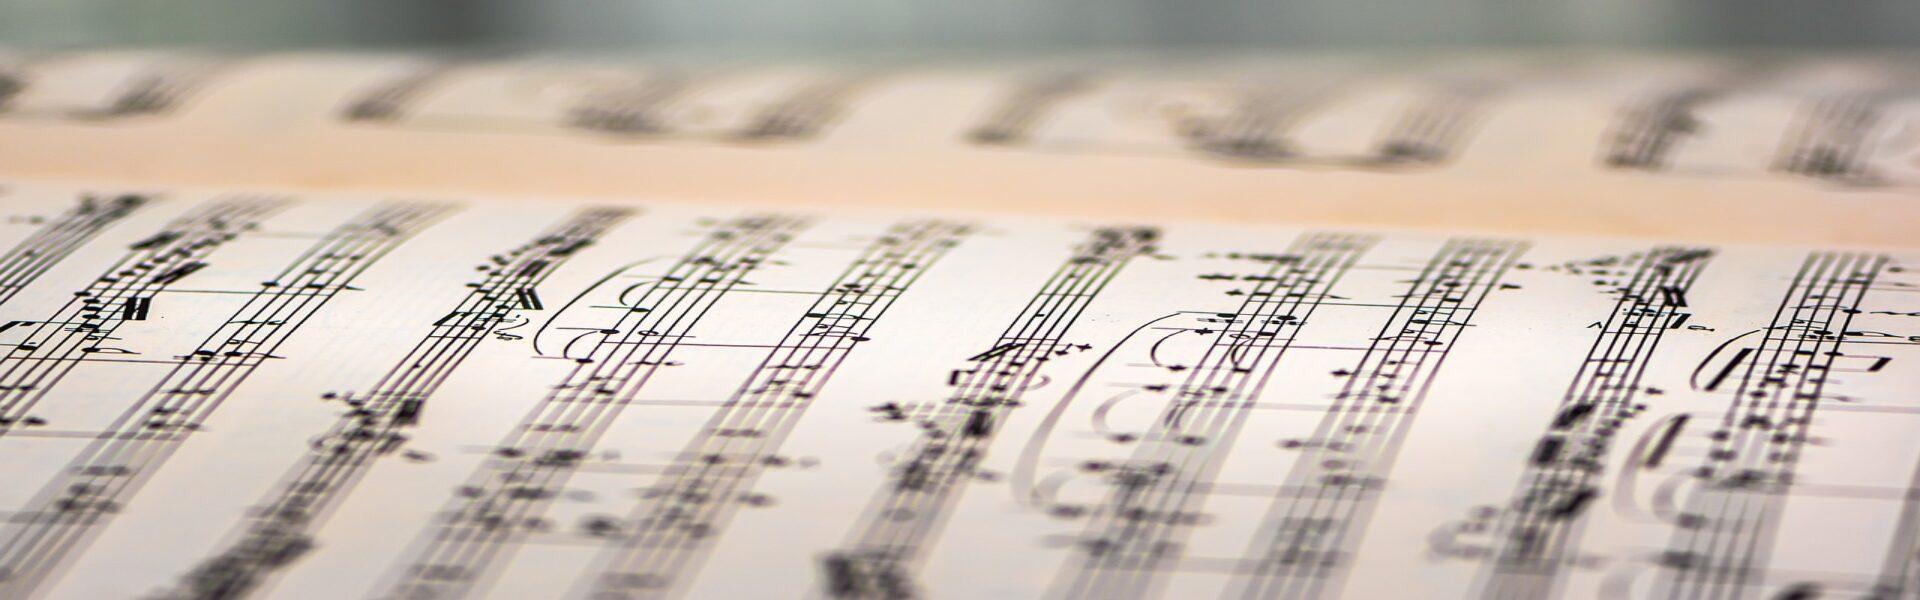 Il Saggiatore musicale